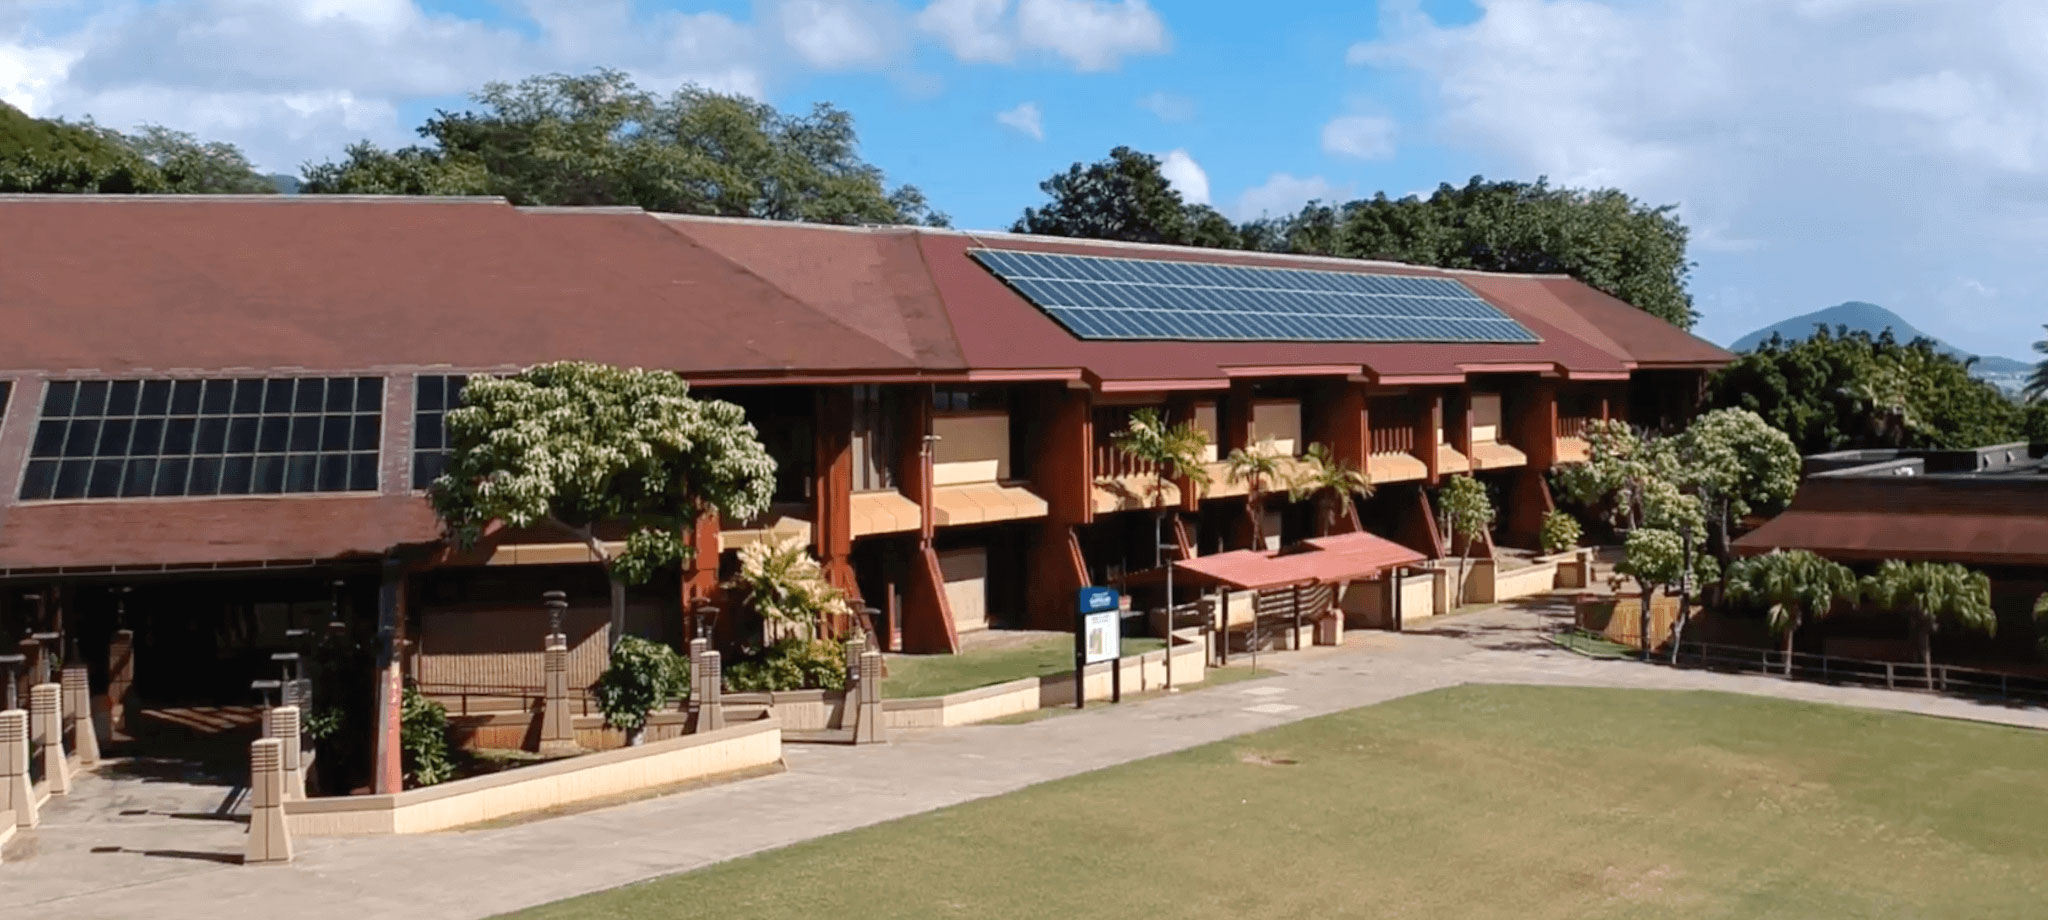 Kapiolani Community College Campus Building